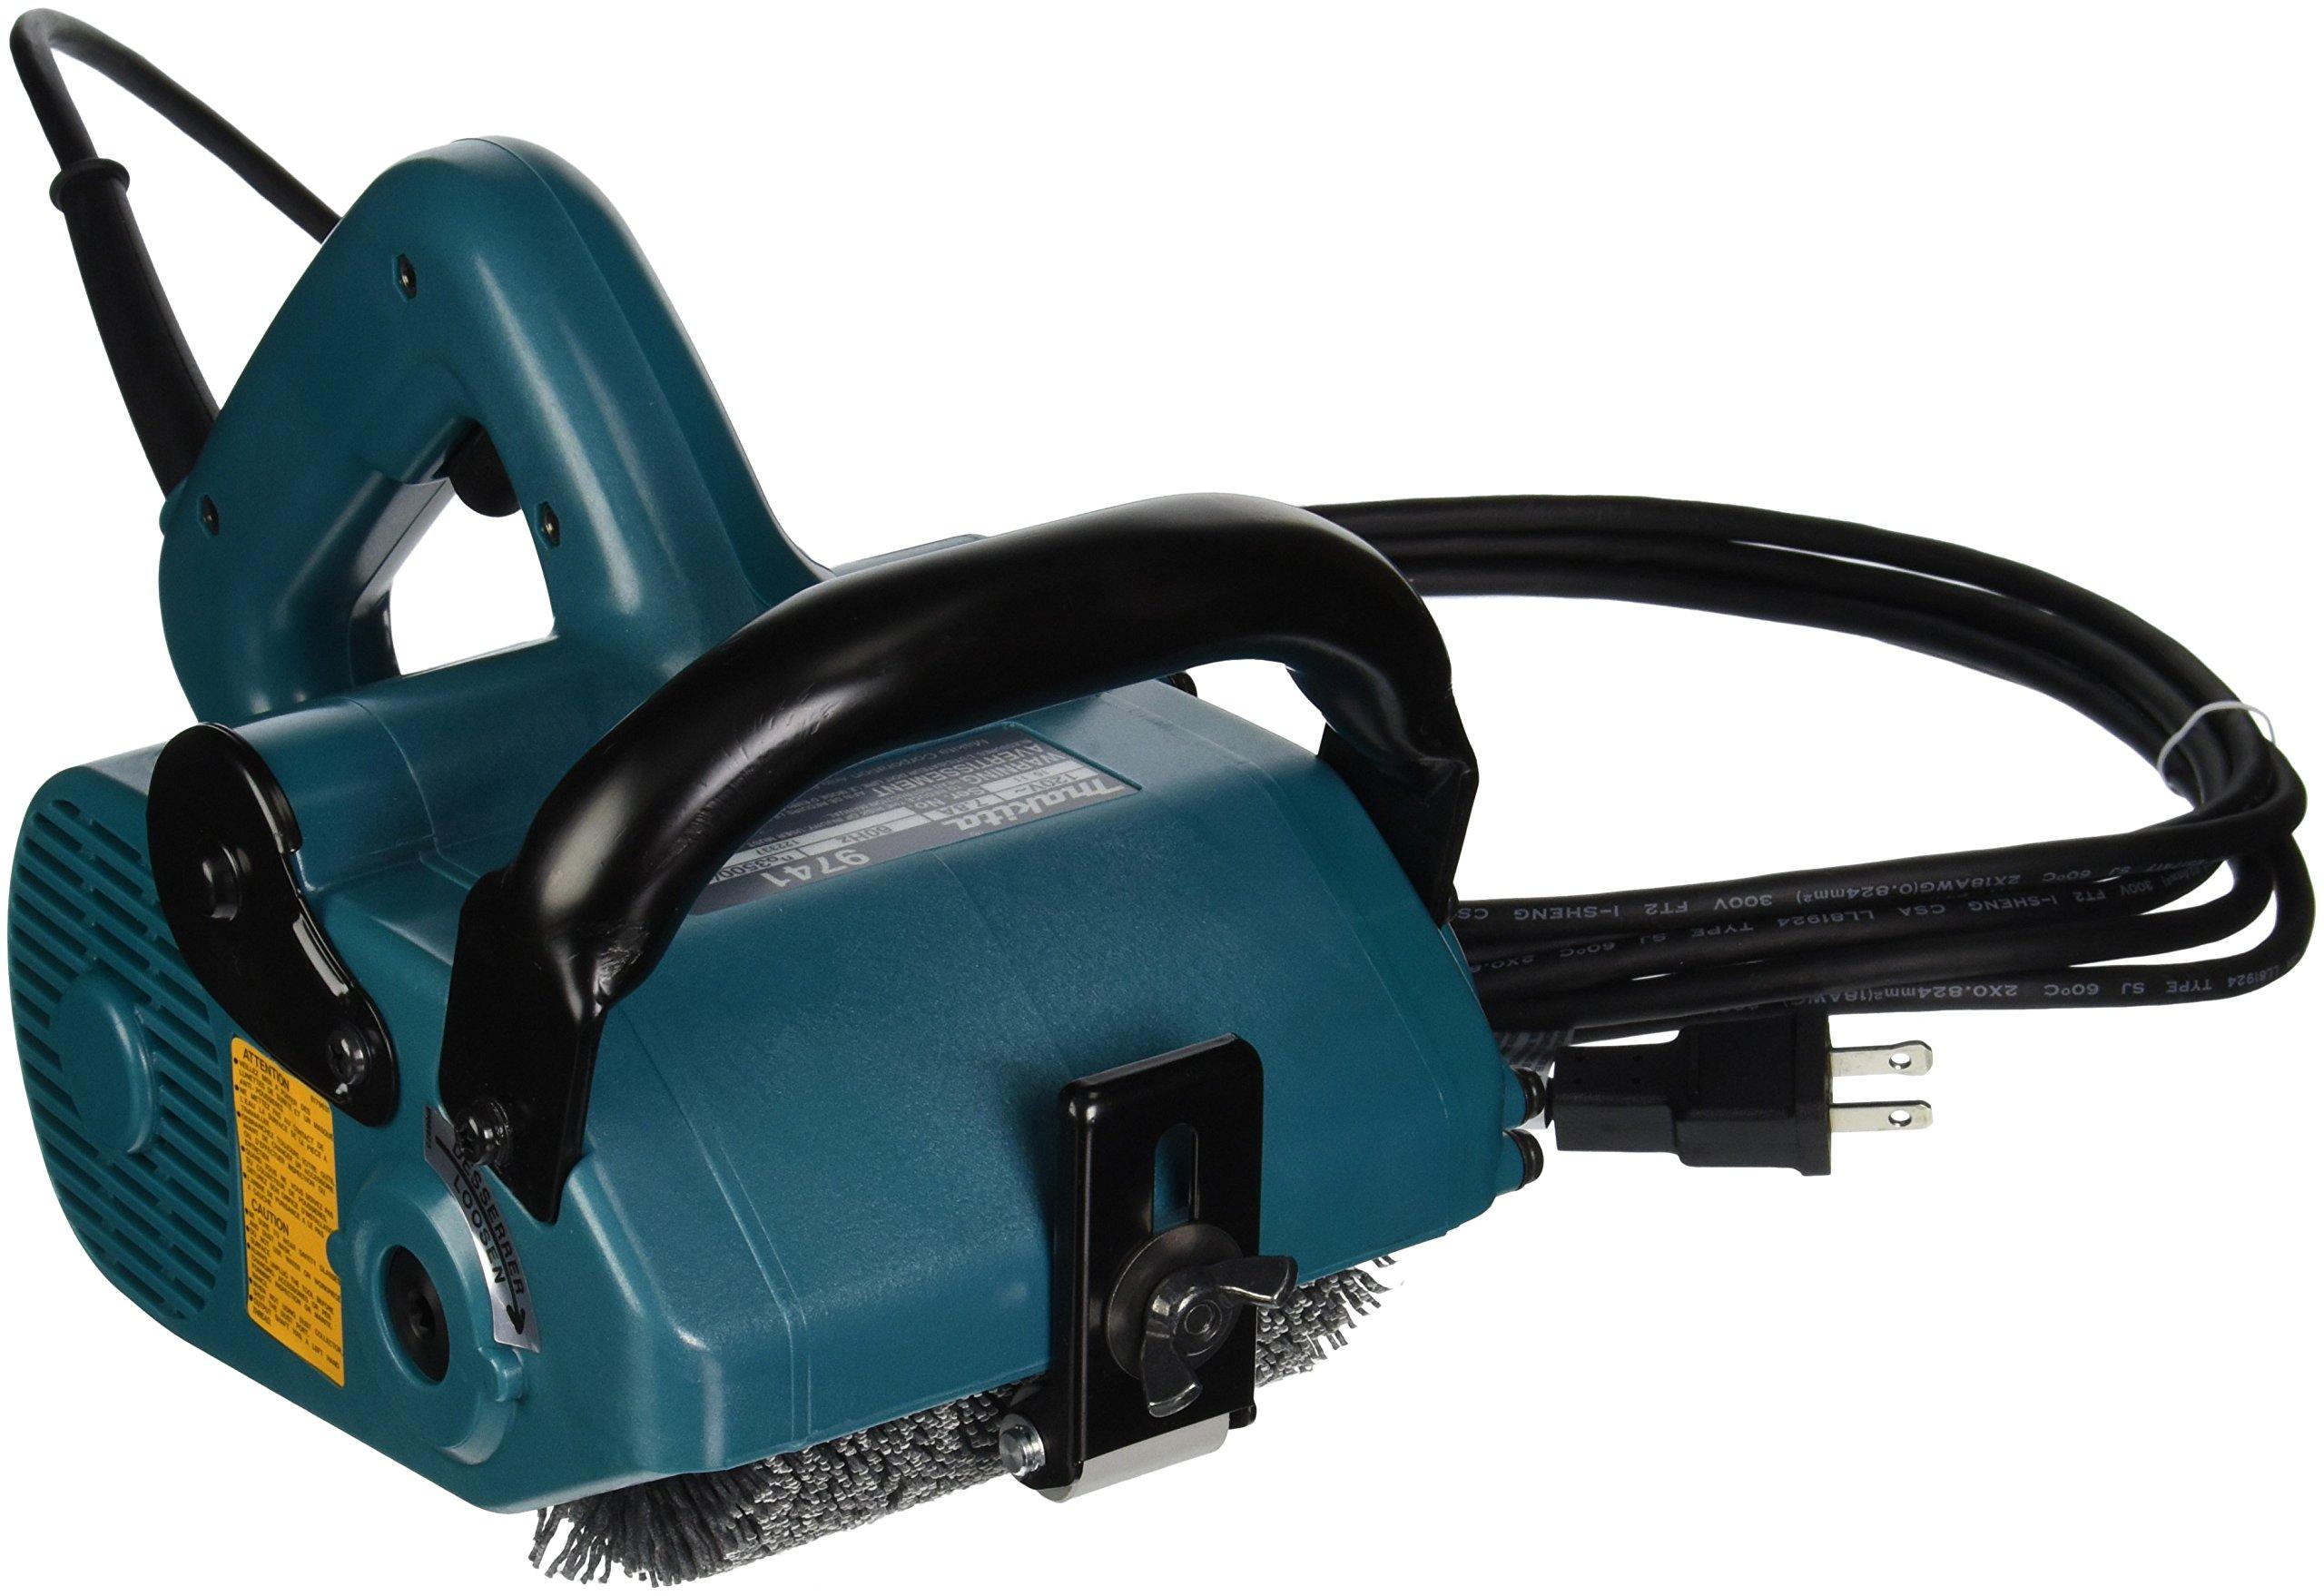 Makita 9741 Wheel Sander - 7.8 Amp 3500 Rpm 4 3/4In. X 4In. Wheel Size 2